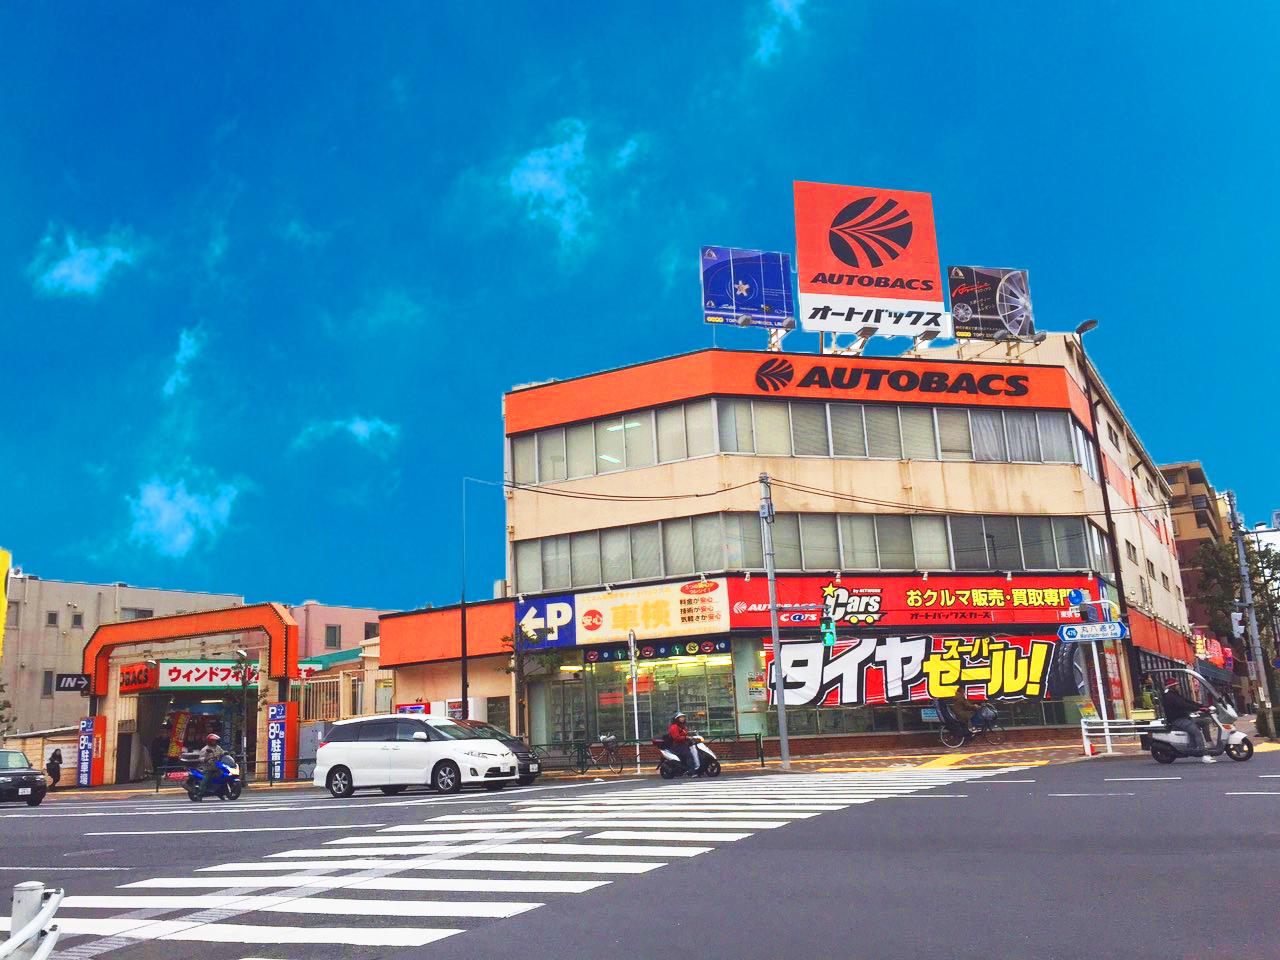 オートバックス 東京砂町店